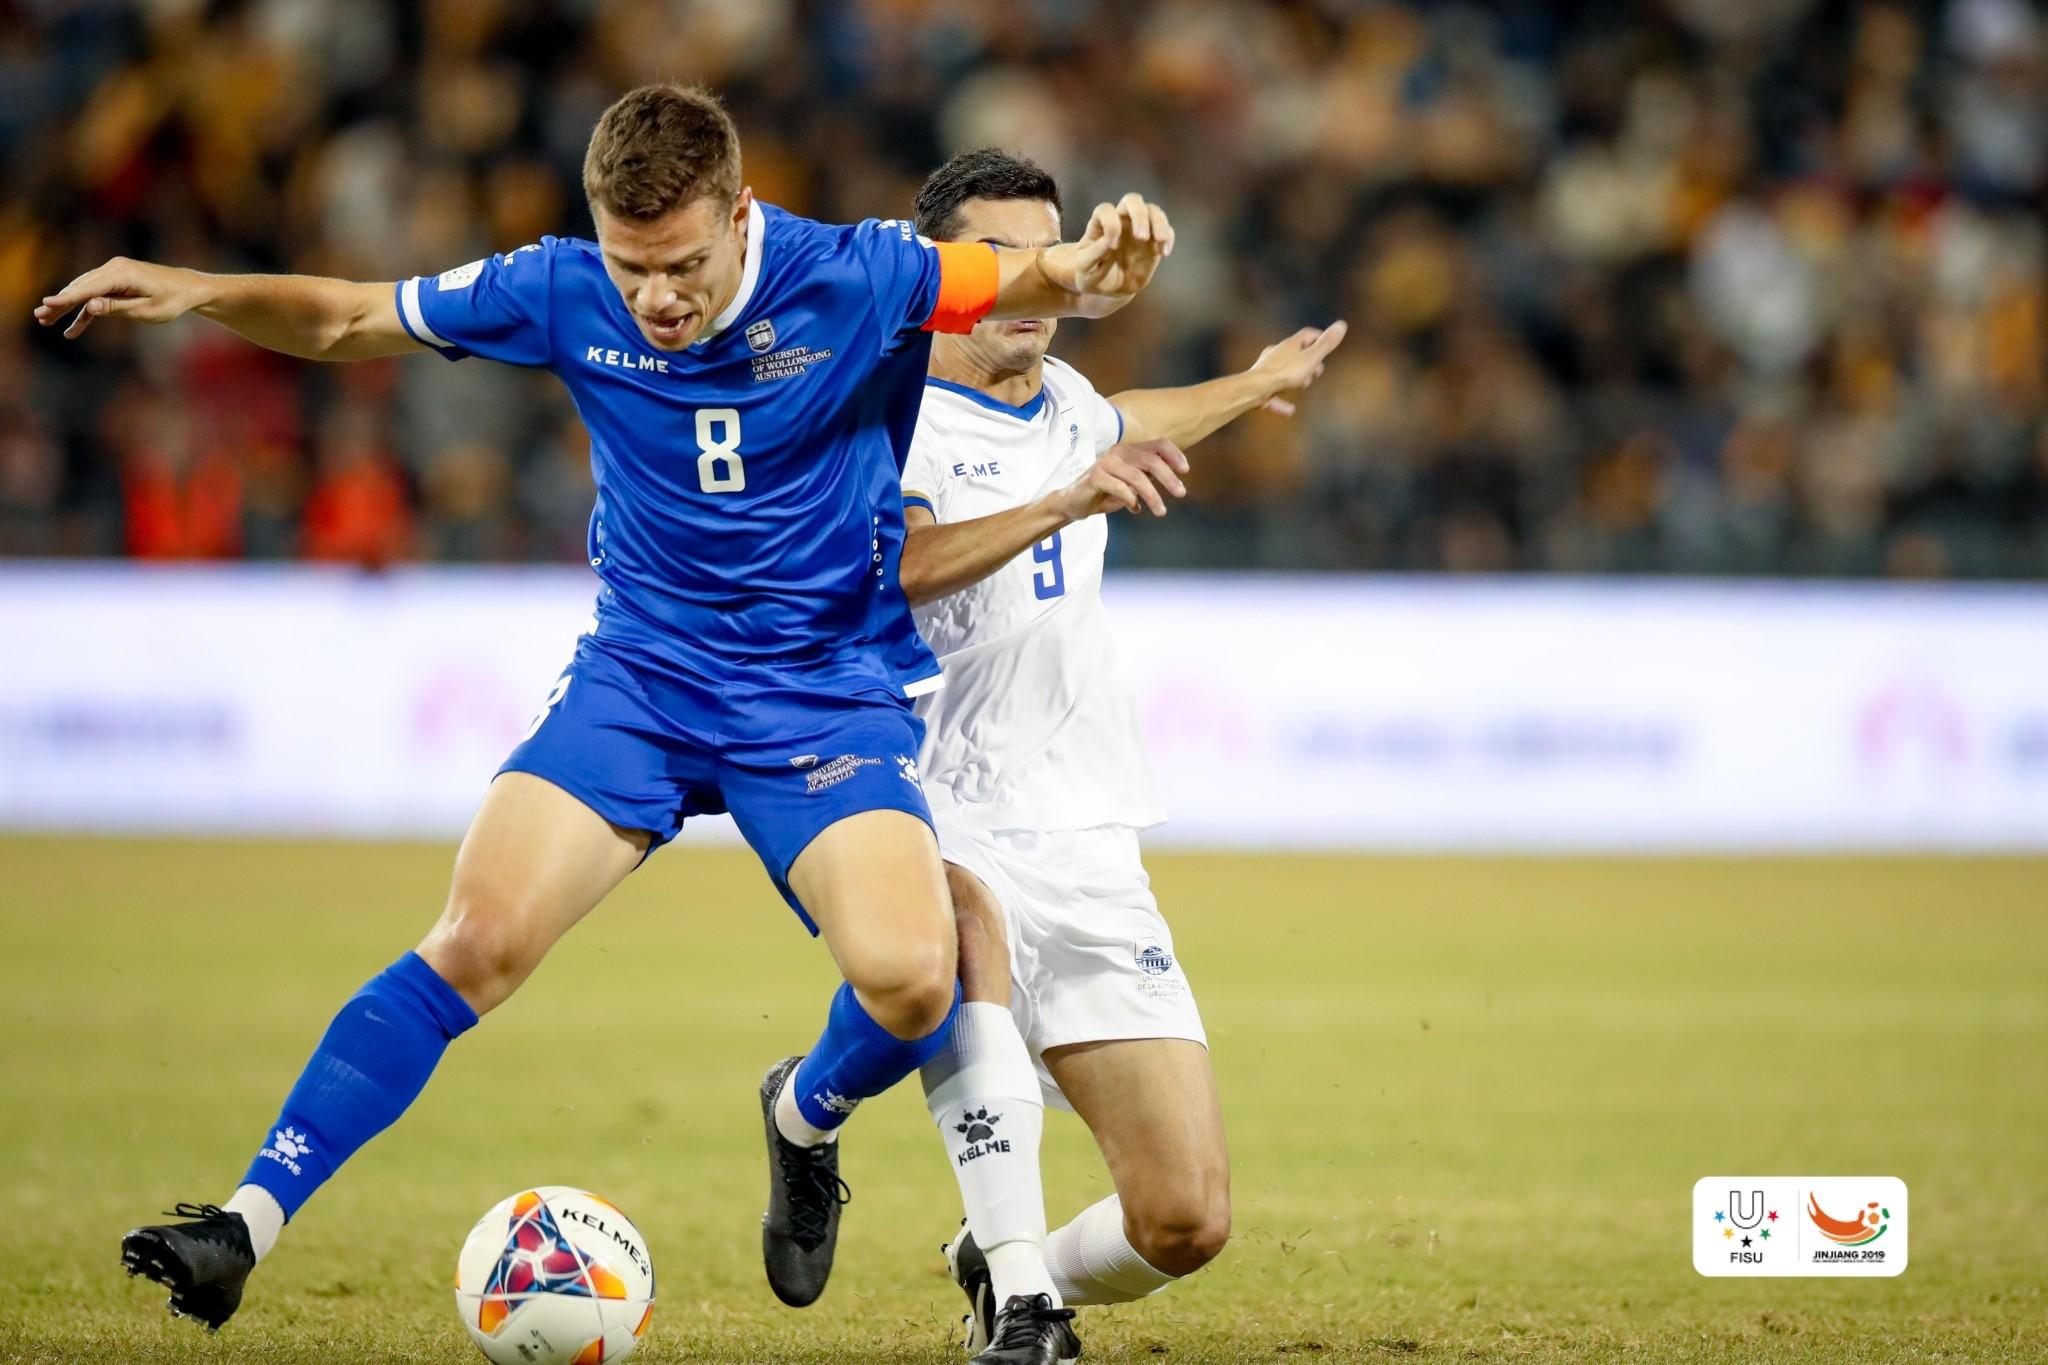 国际大体联足球世界杯落幕,乌拉圭男队与加拿大女队夺冠